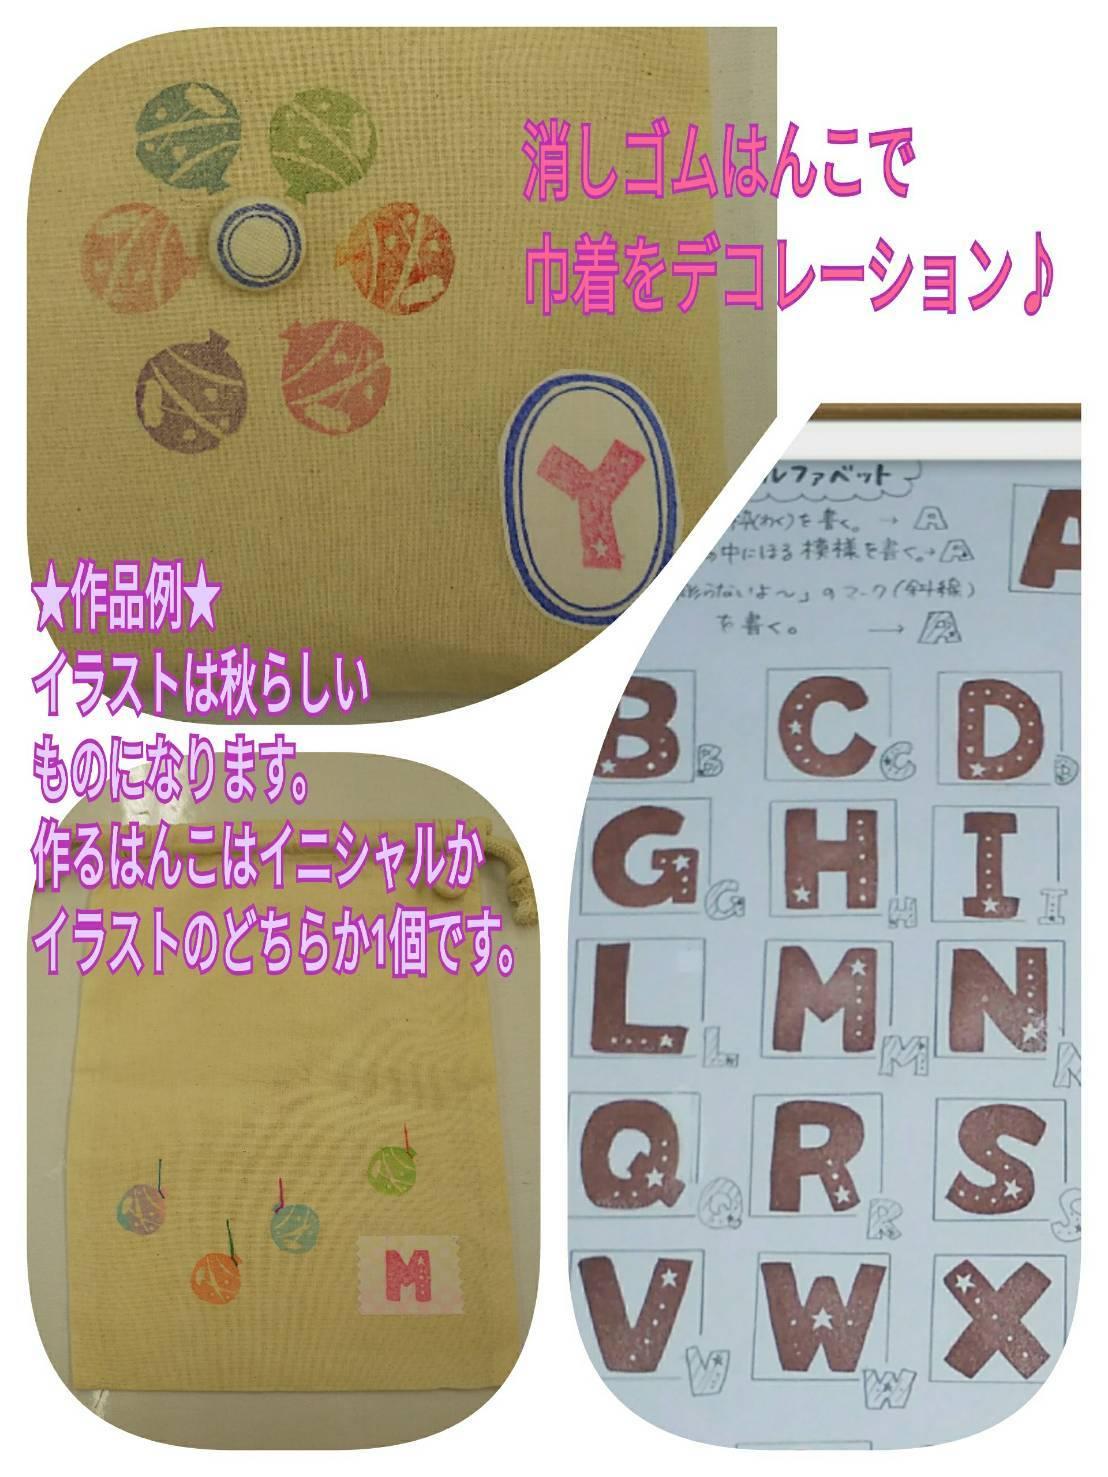 9月26日(火) コルトンワークショップ9月開催します☆_e0239948_08334182.jpg